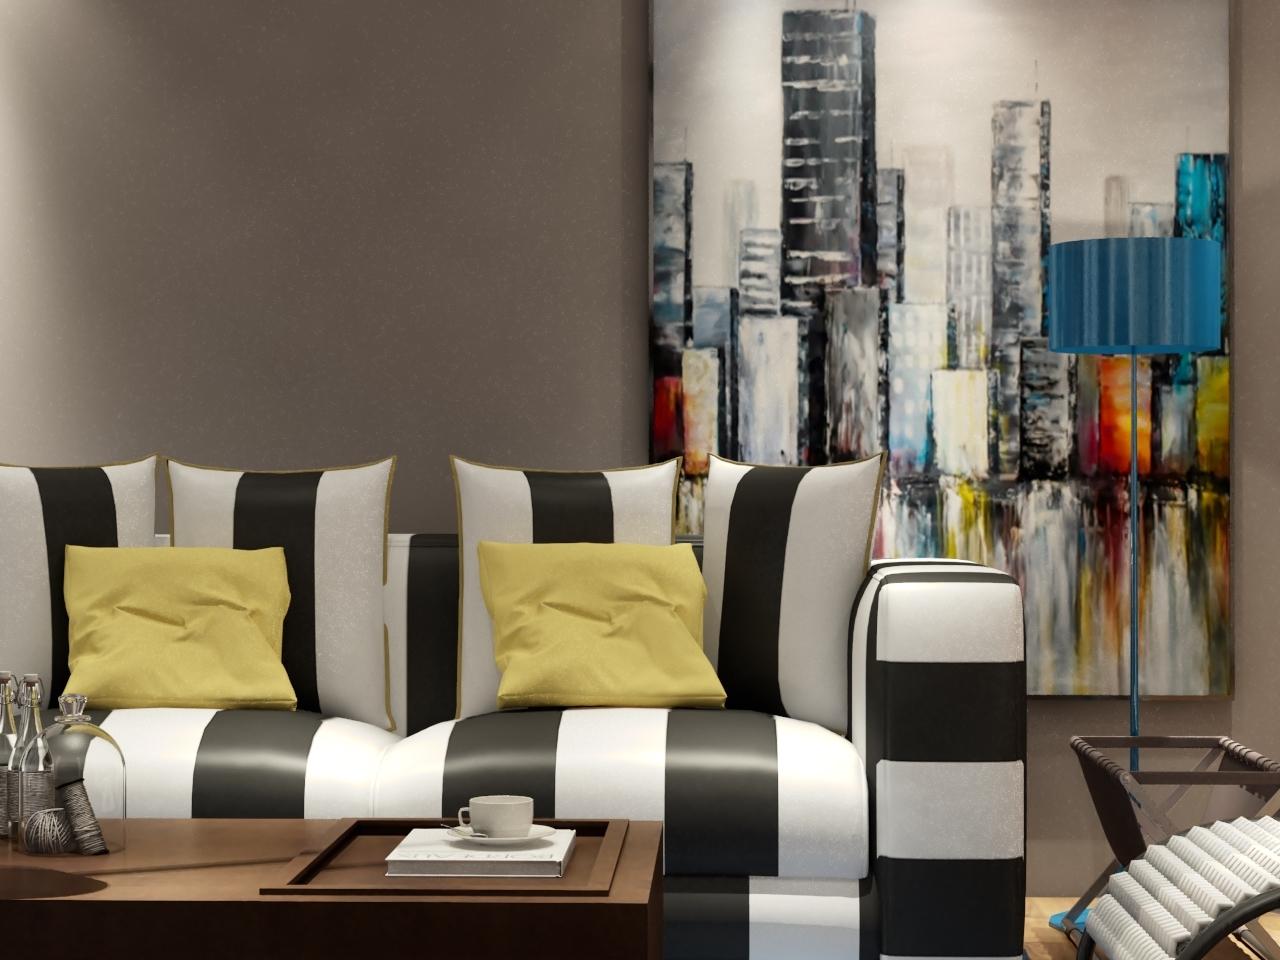 混搭 三居 80后 客厅图片来自南昌楷模家居生活馆在万科地铁138平现代简约的分享